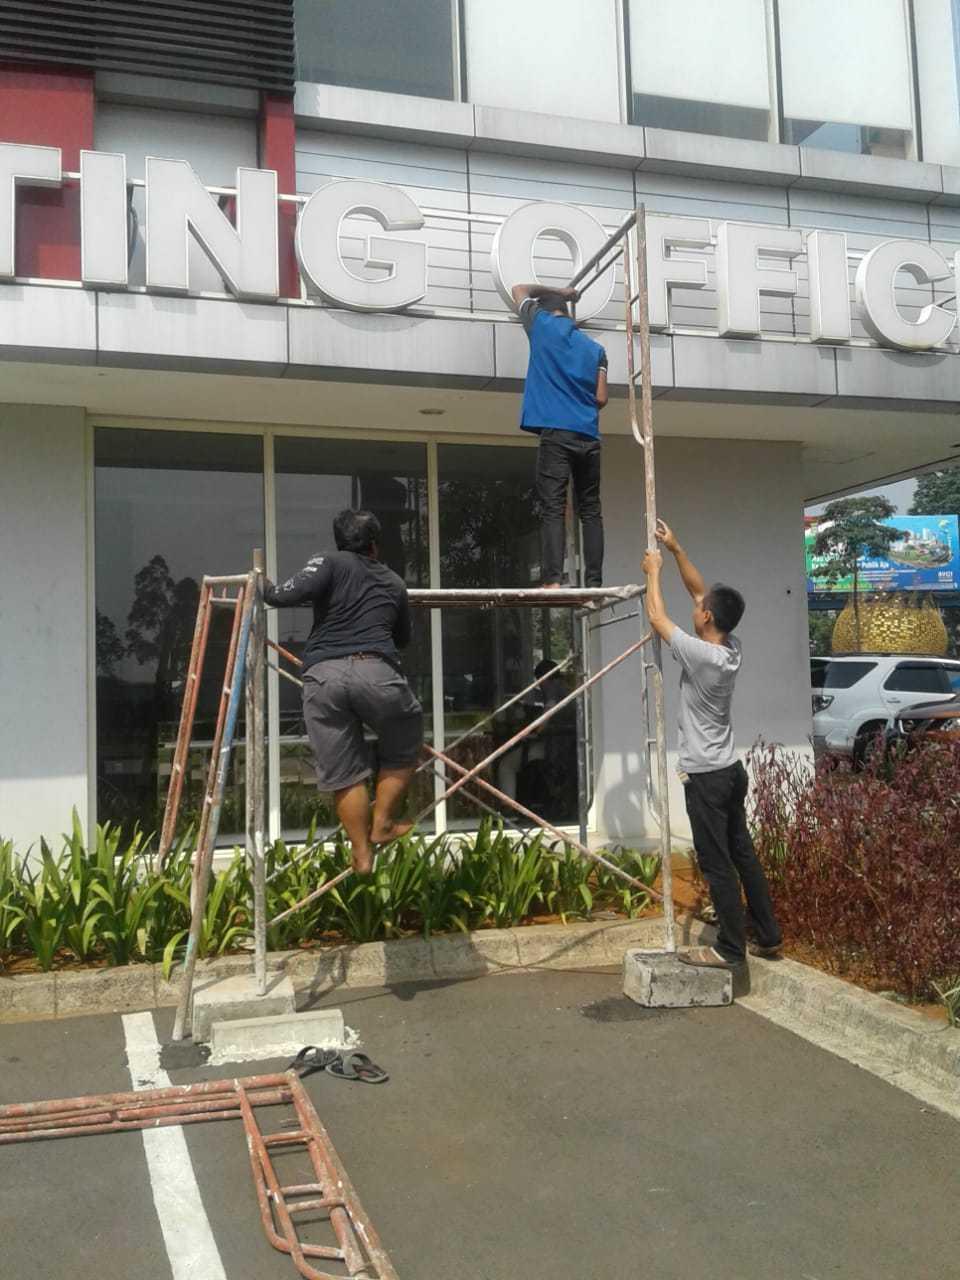 Illusion Architect Renovasi Kantor As Tangerang, Kota Tangerang, Banten, Indonesia Tangerang, Kota Tangerang, Banten, Indonesia Pt-Elektra-Tekno-Indonesia-Renovasi-Kantor-As  89618